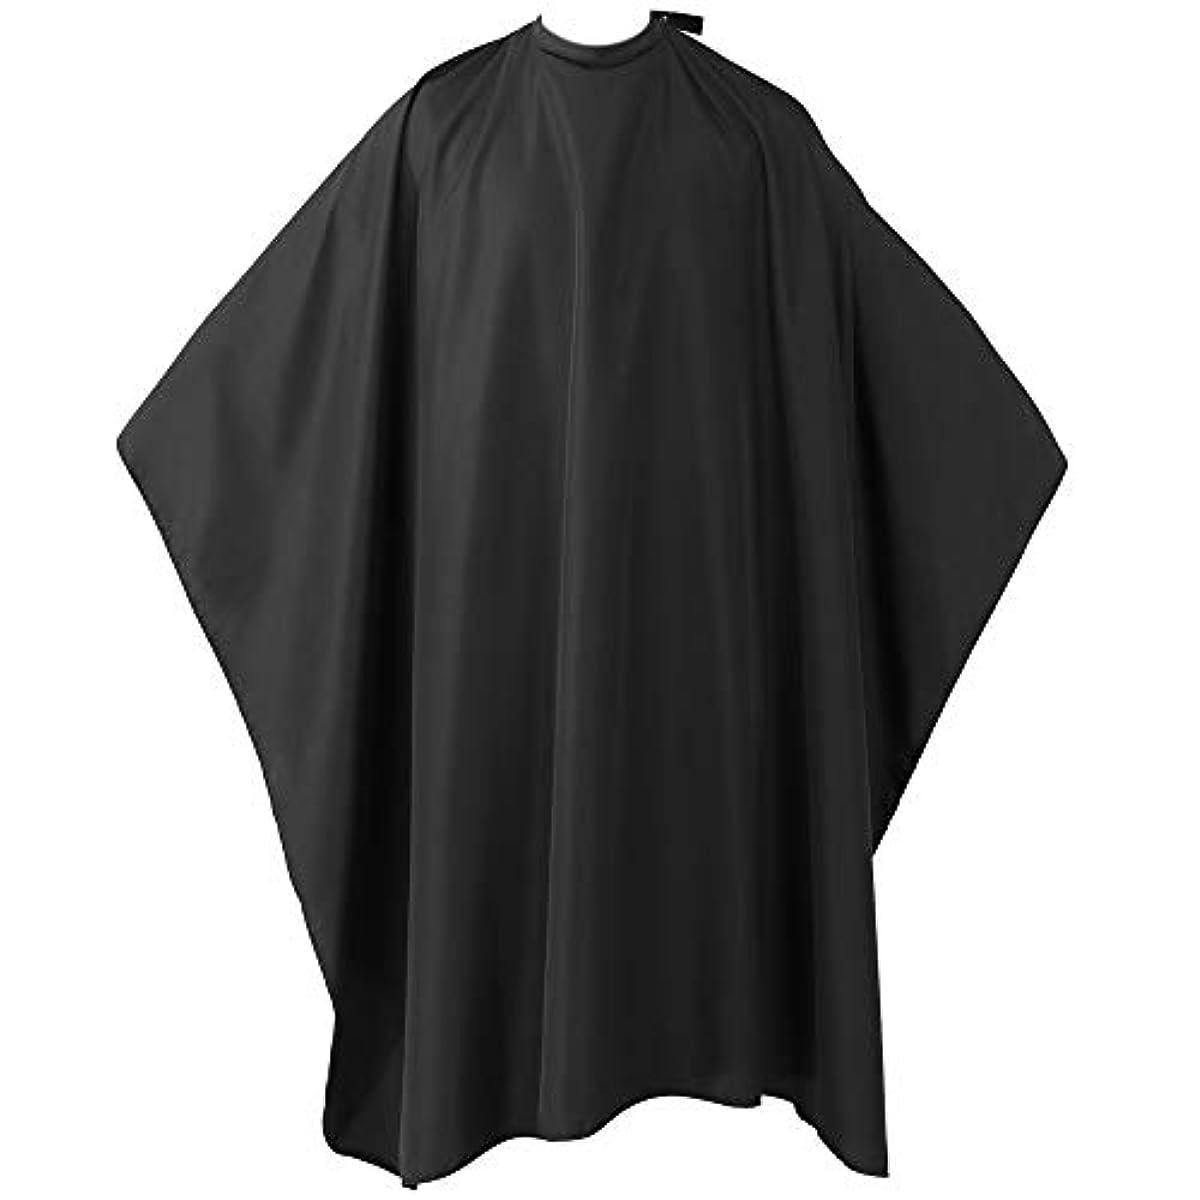 肩をすくめる壮大な前進ヘアーエプロン 散髪マント 散髪ケープ ファミリー理髪 折りたたみ式 防水加工 ヘアスタイリングツール (ブラック)